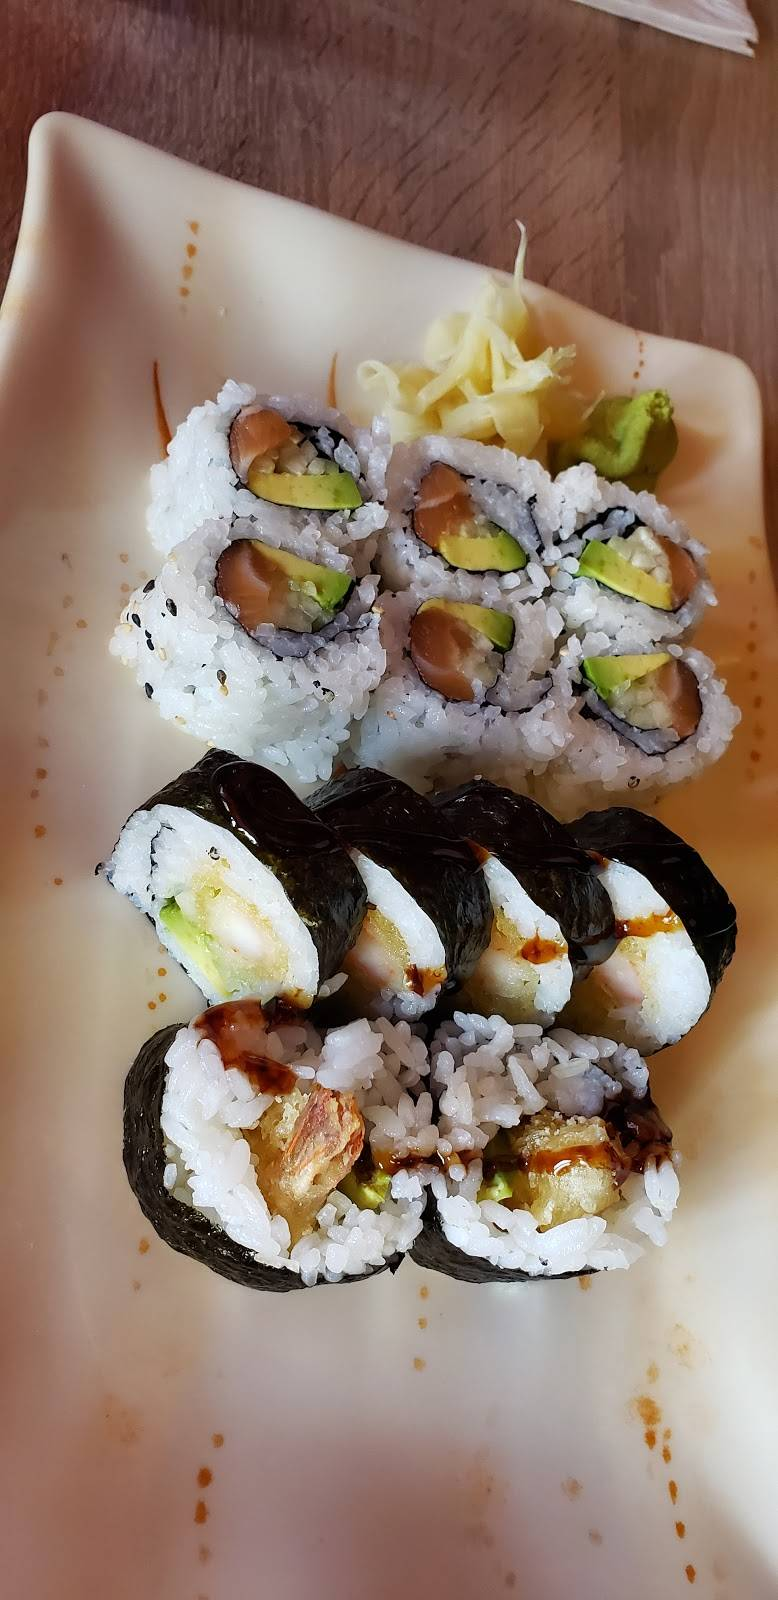 Sushi Express | restaurant | 610 University Ave, Madison, WI 53715, USA | 6084679688 OR +1 608-467-9688